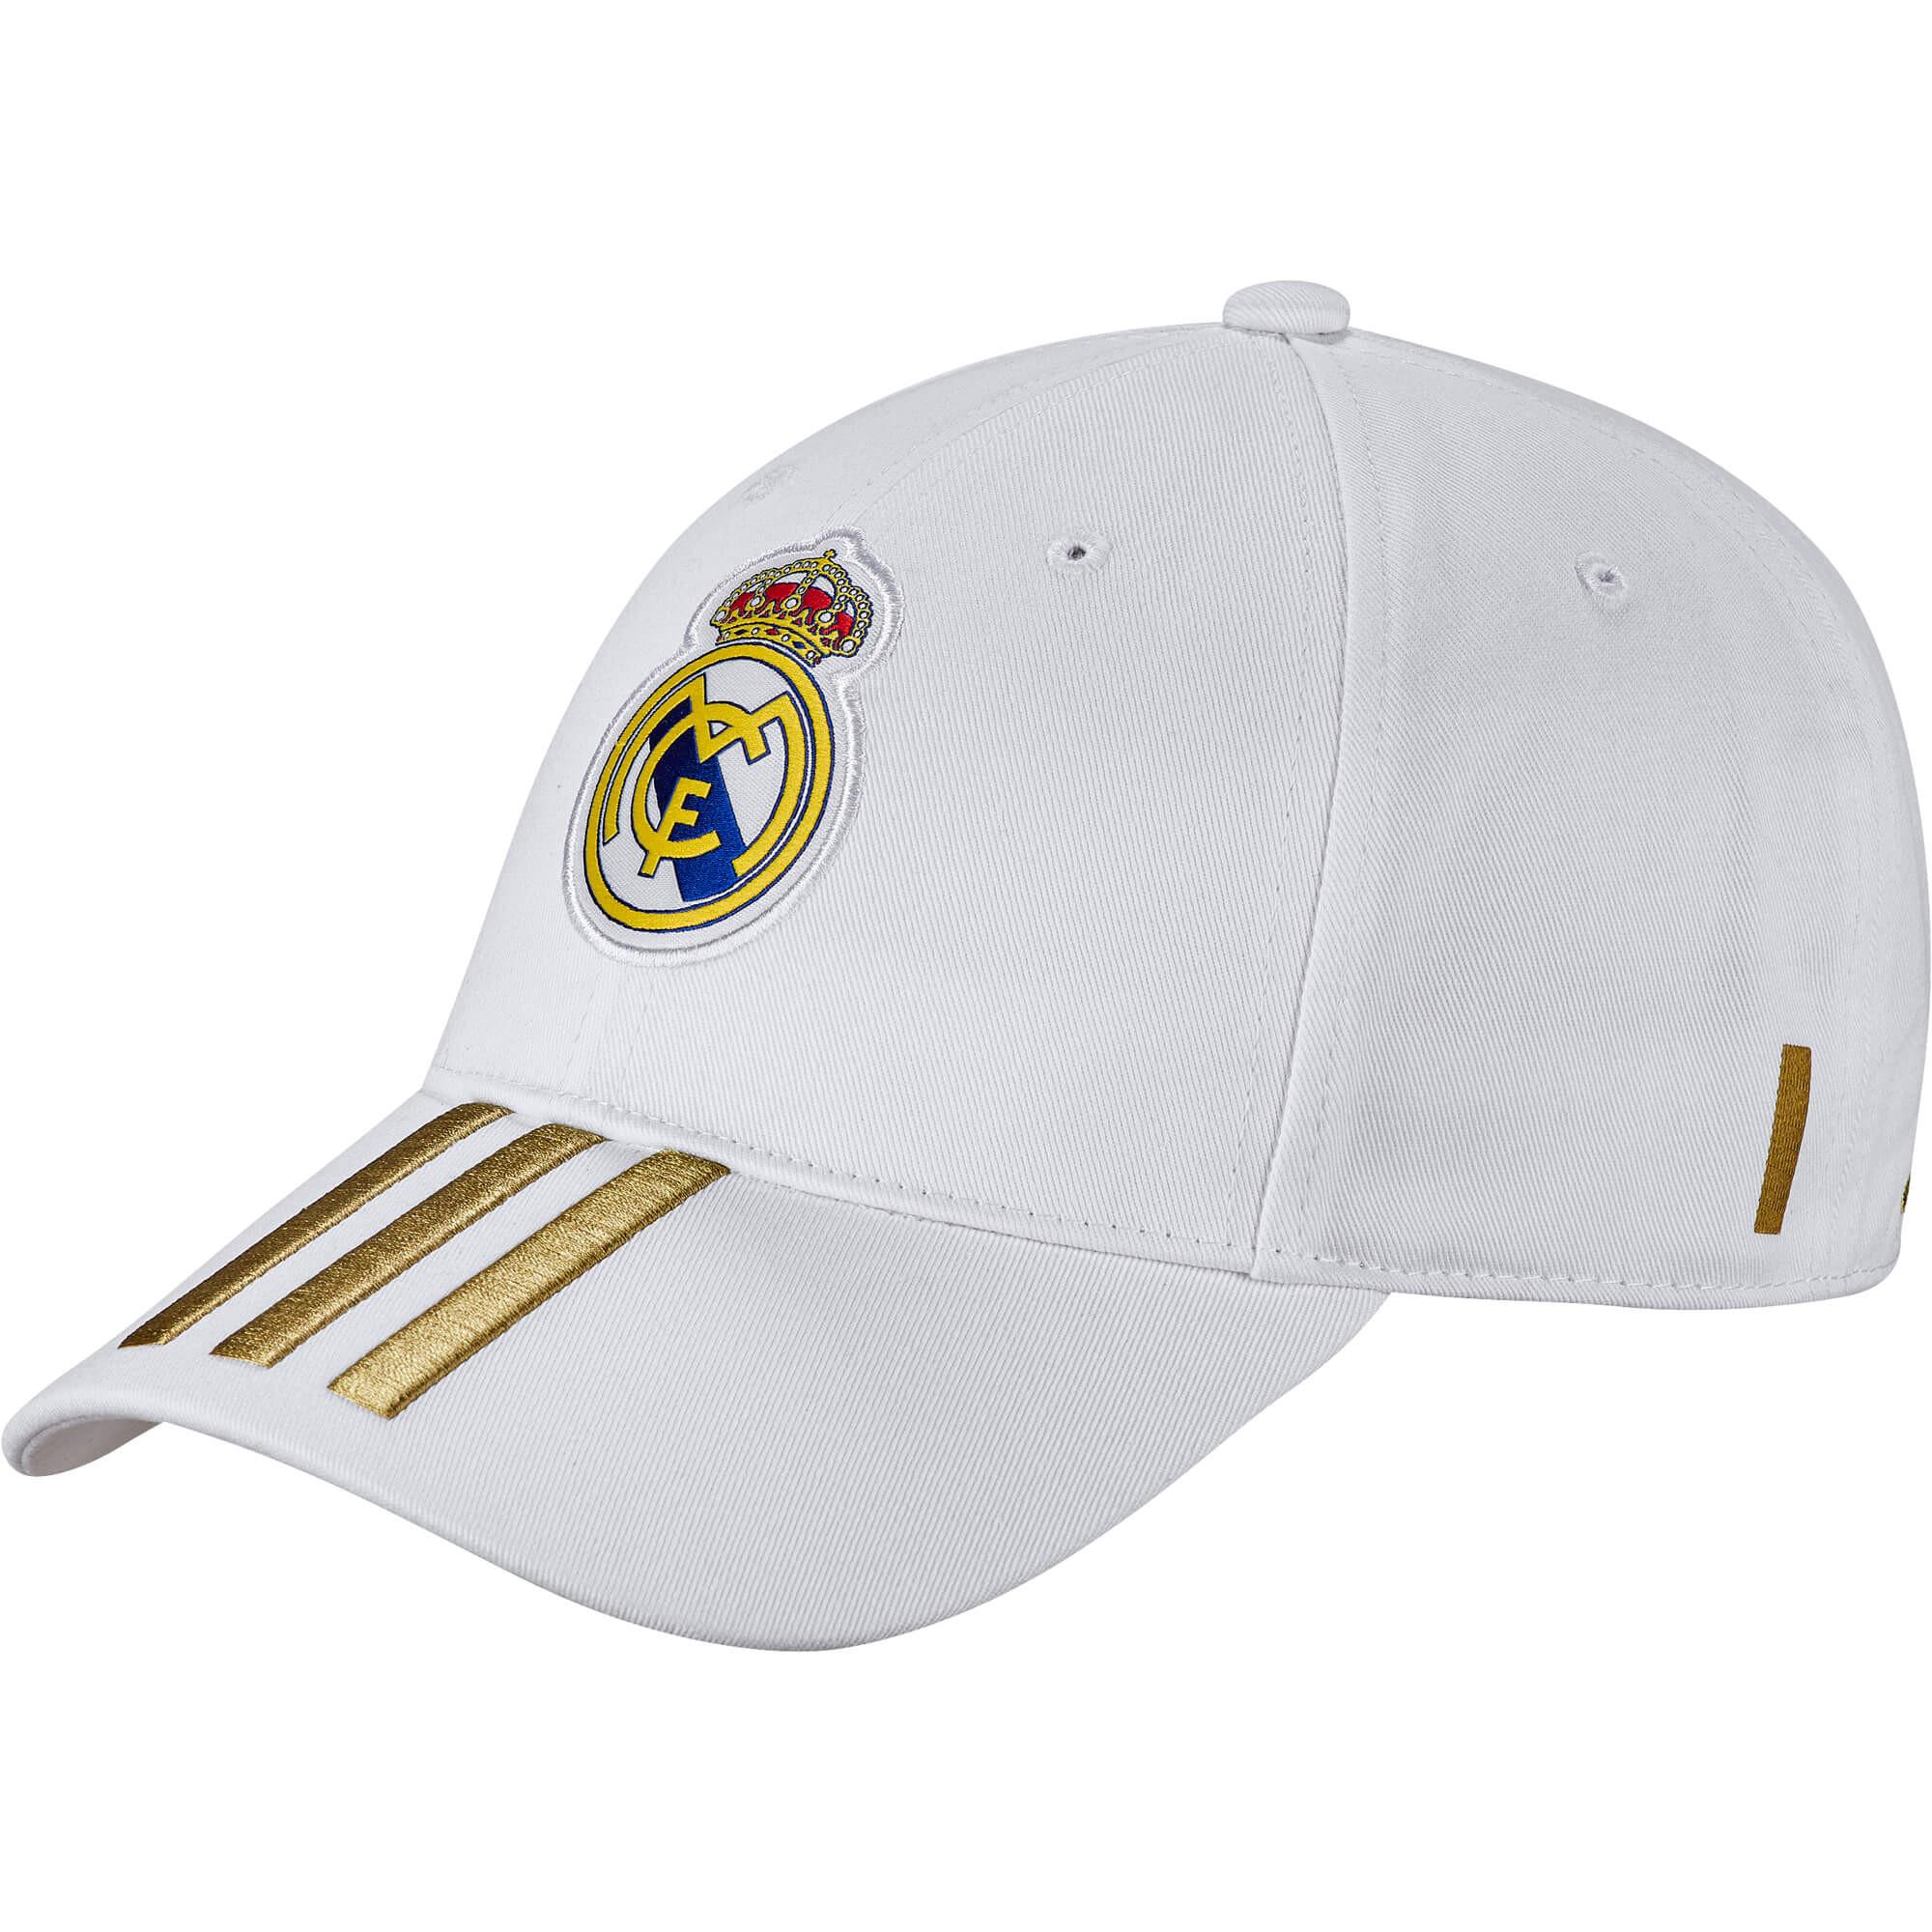 Bonnet royal casquette fC sCHALKE 04